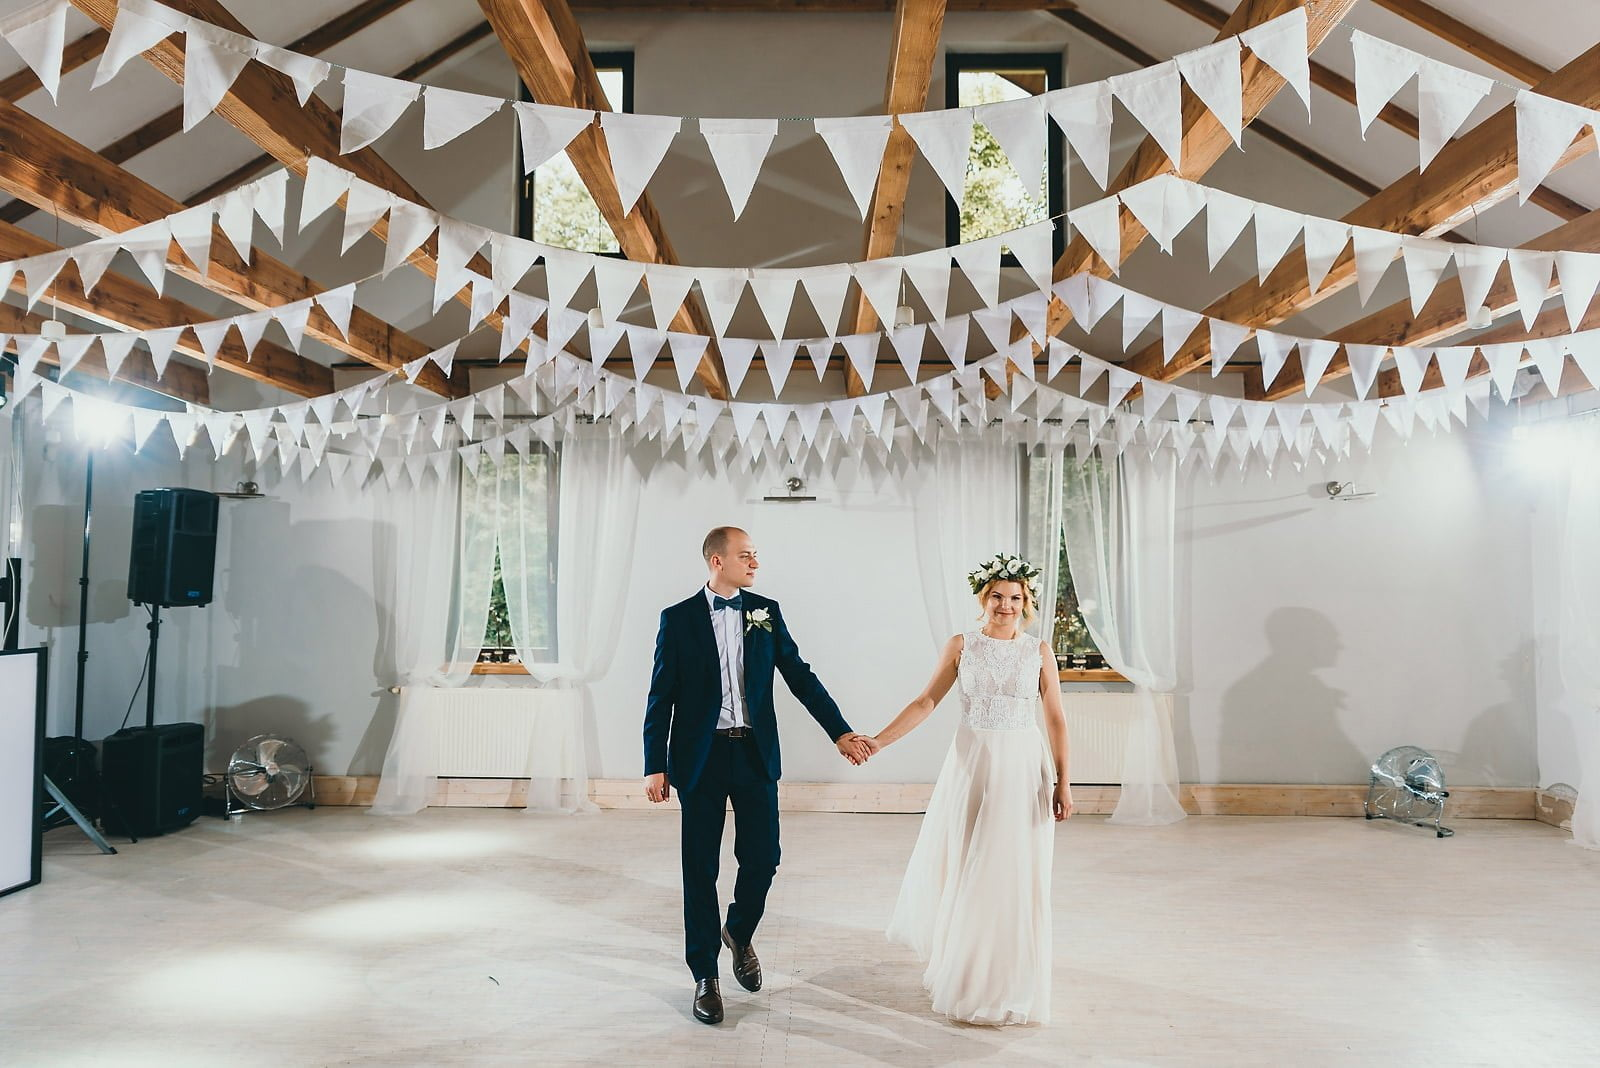 Justyna i Szymon - plenerowy ślub w stylu boho 61